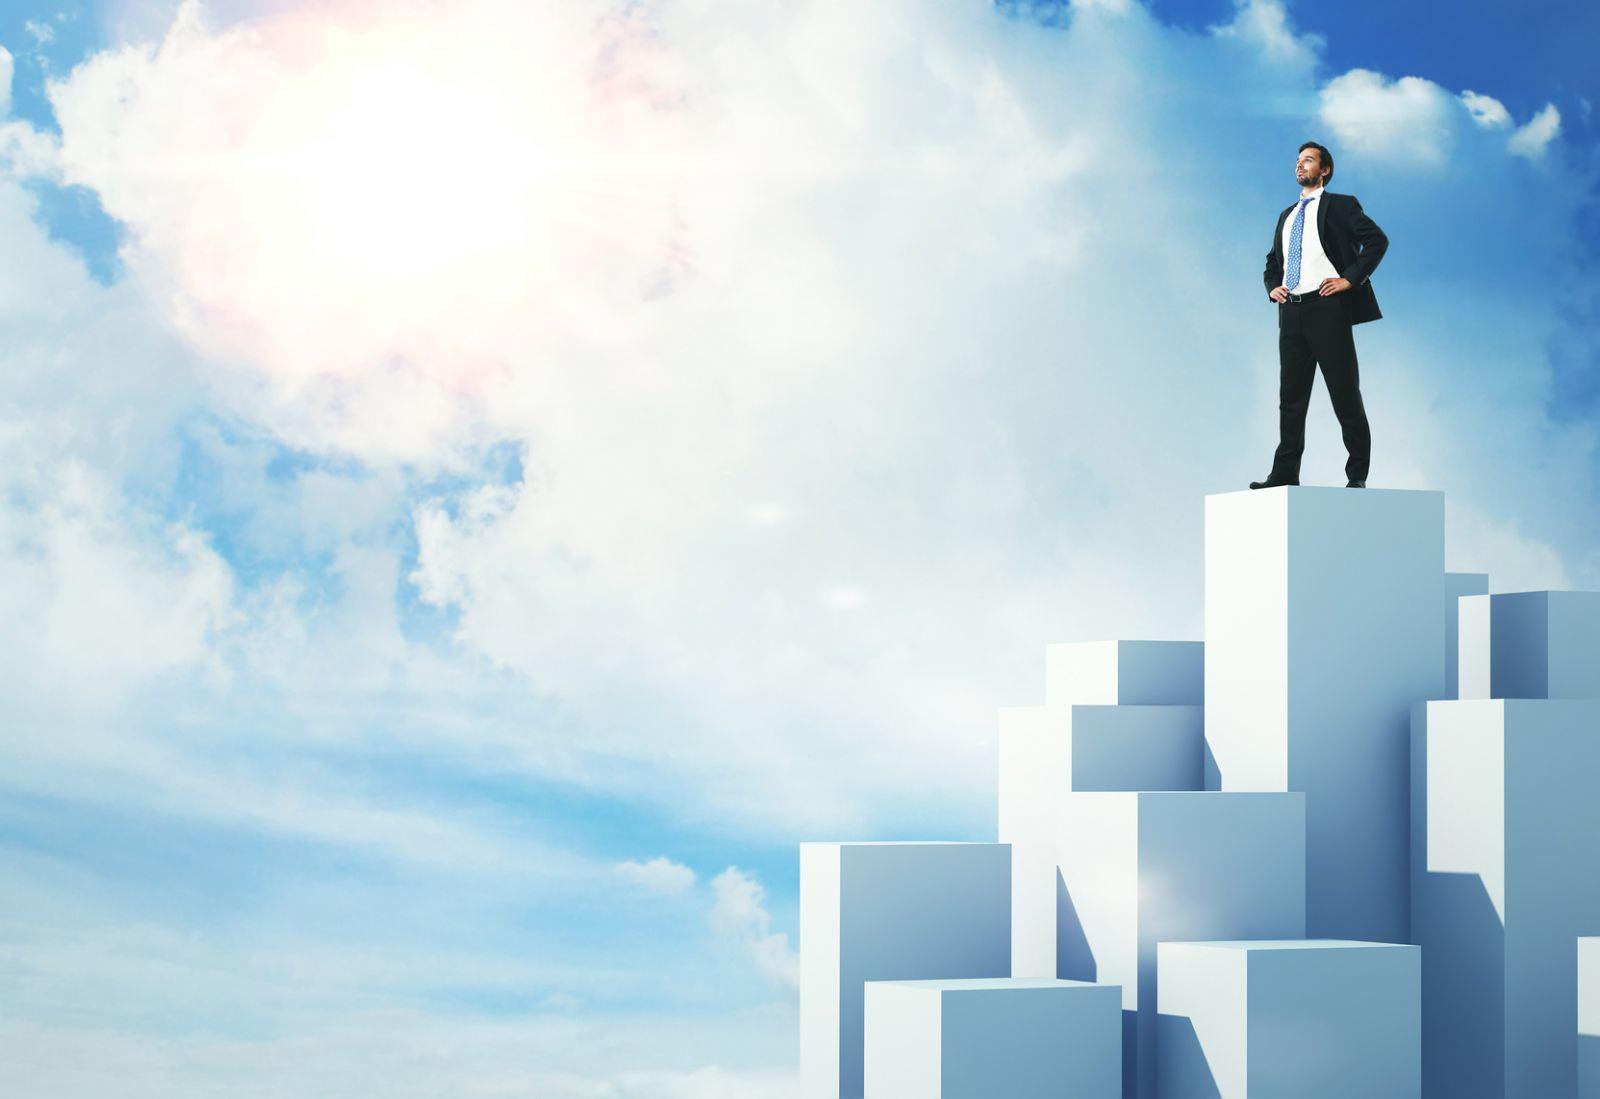 bí quyet thanh cong - 22 Quy luật bất biến trong Marketing dẫn đến thành công